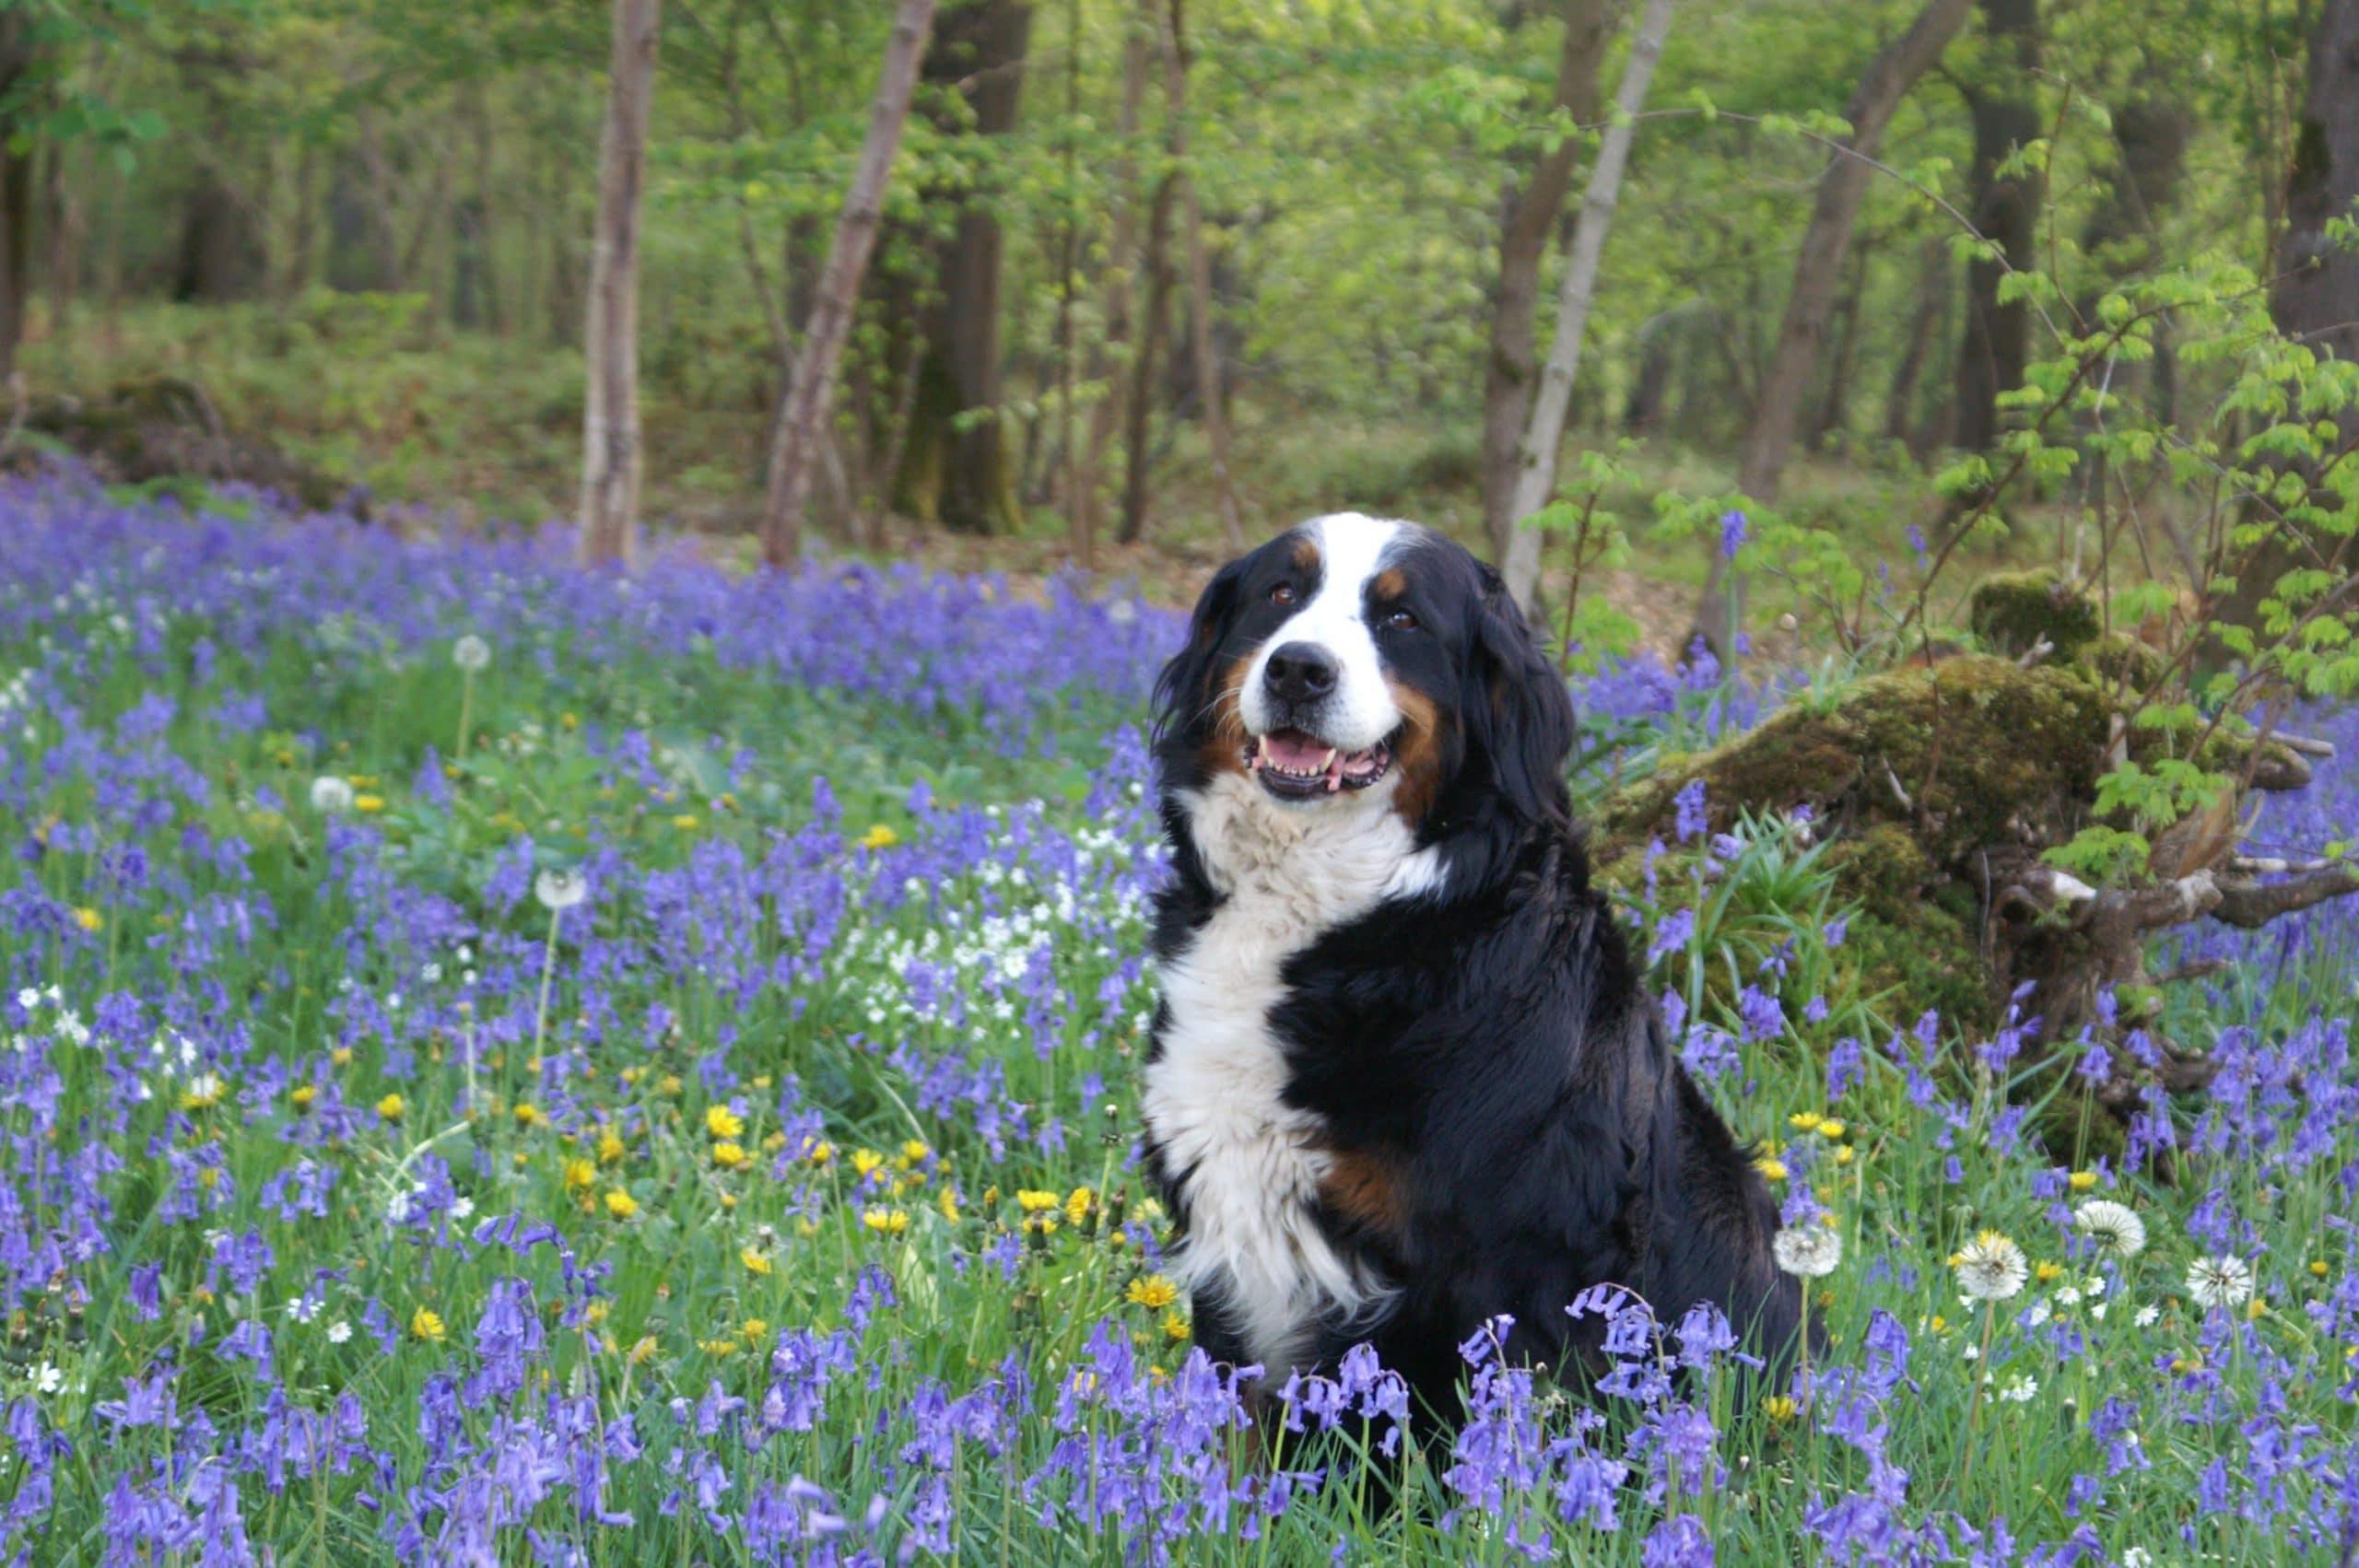 Milyen tavaszi veszelyek fenyegetik kutyainkat 2 - Milyen tavaszi veszélyek fenyegetik kutyáinkat?